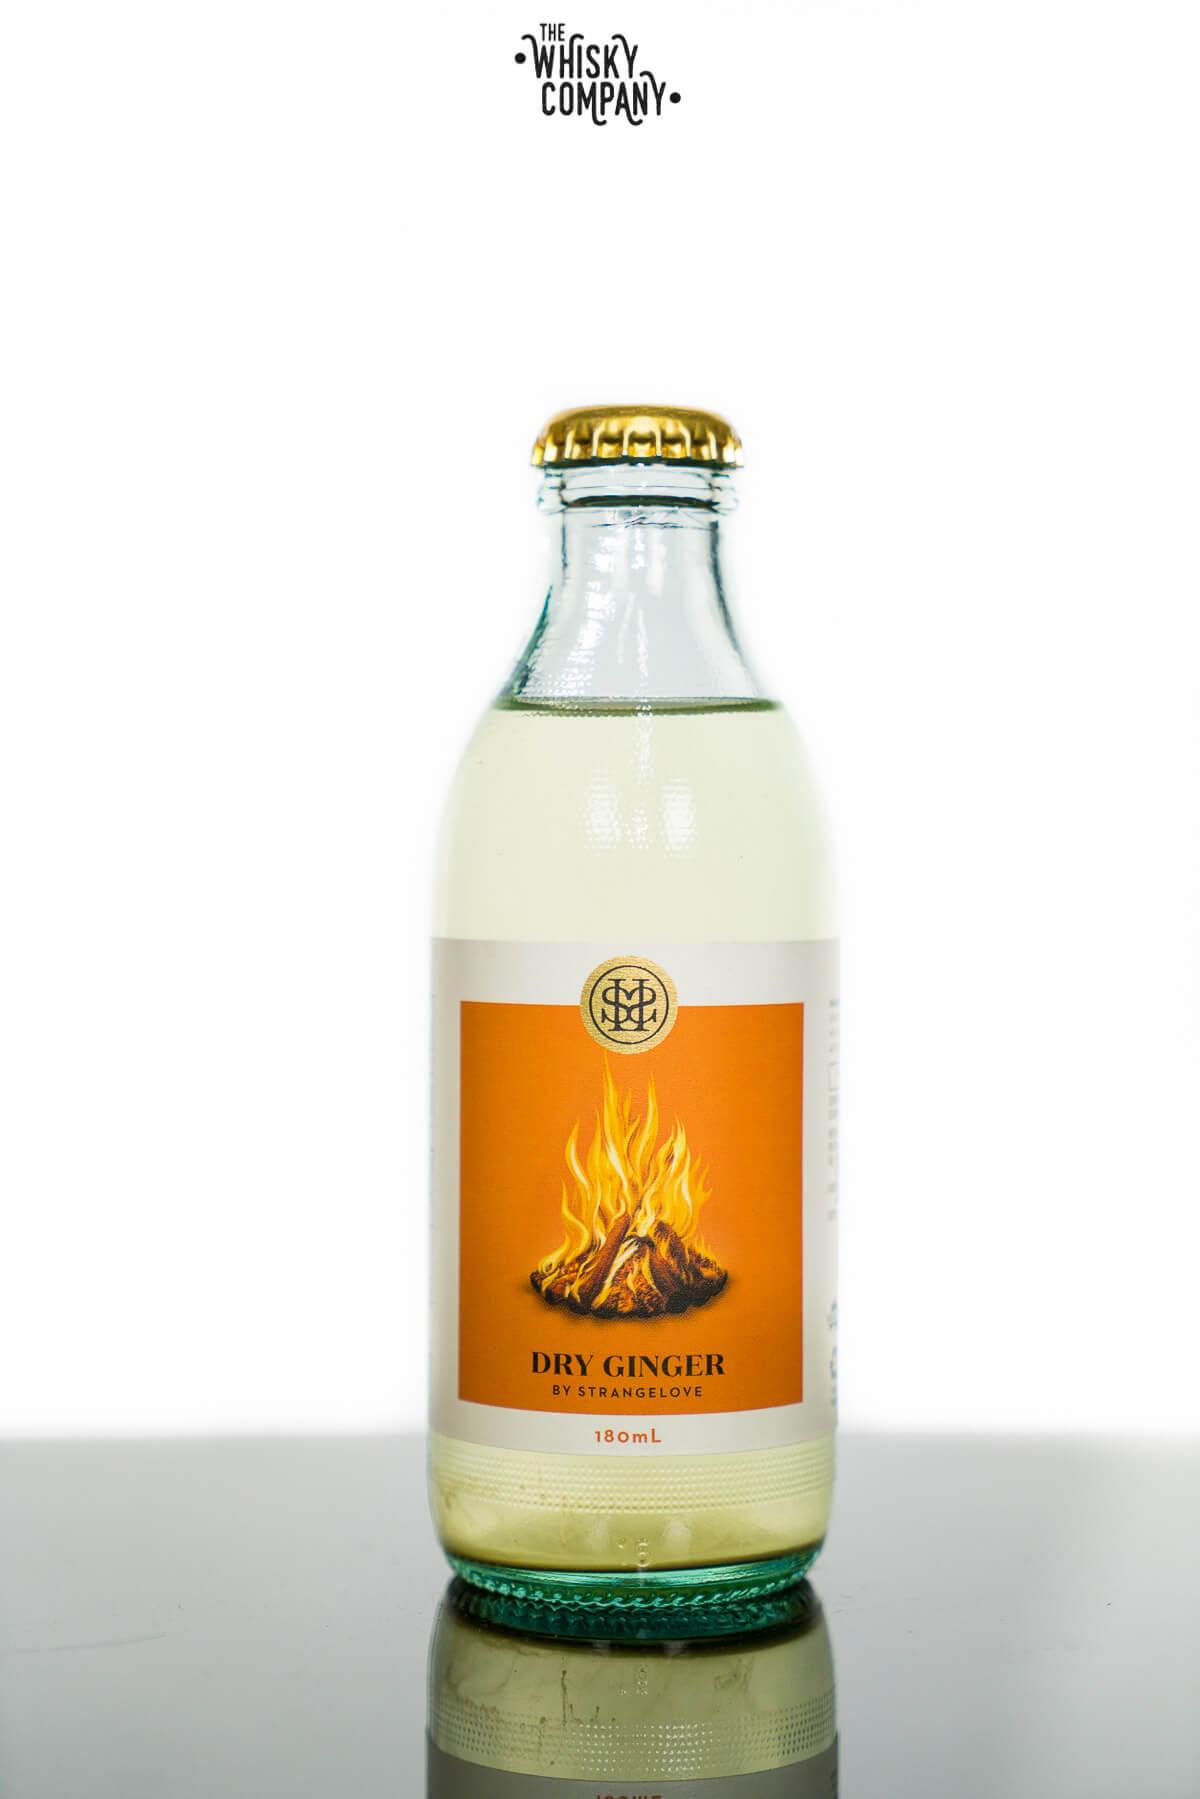 StrangeLove Dry Ginger (180ml)